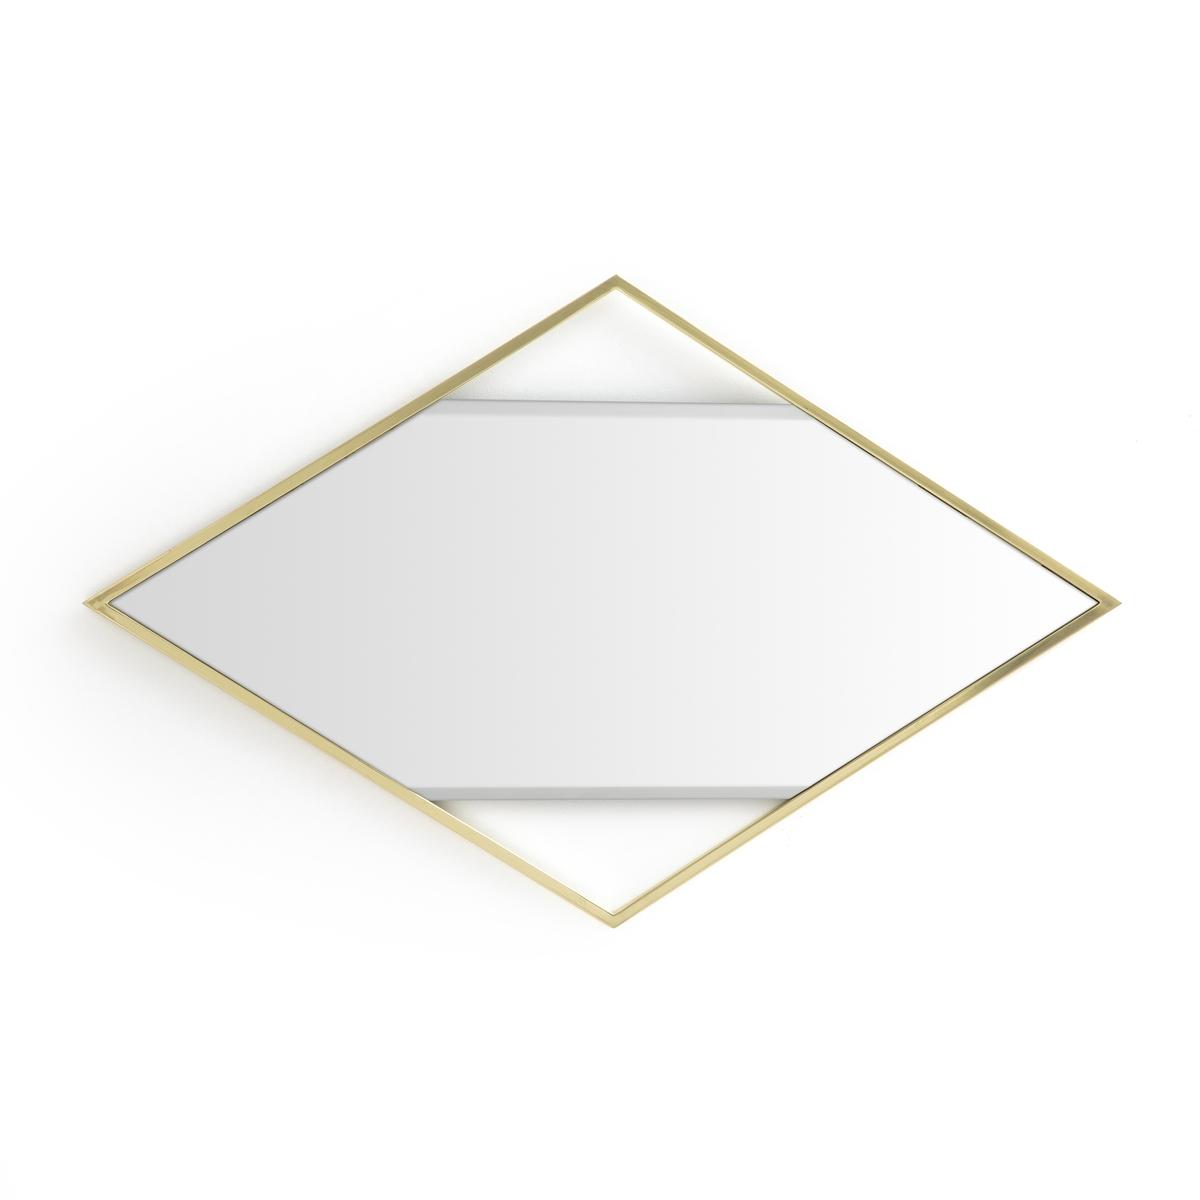 Зеркало в форме ромба из латуни REFLETХарактеристики зеркала Reflet :Каркас из металла с отделкой из латуни.2 крючка для крепления на стену (горизонтально или вертикально)- Шурупы и дюбели продаются отдельноРазмеры зеркала Reflet :Ш.50 x В.80 см<br><br>Цвет: латунь